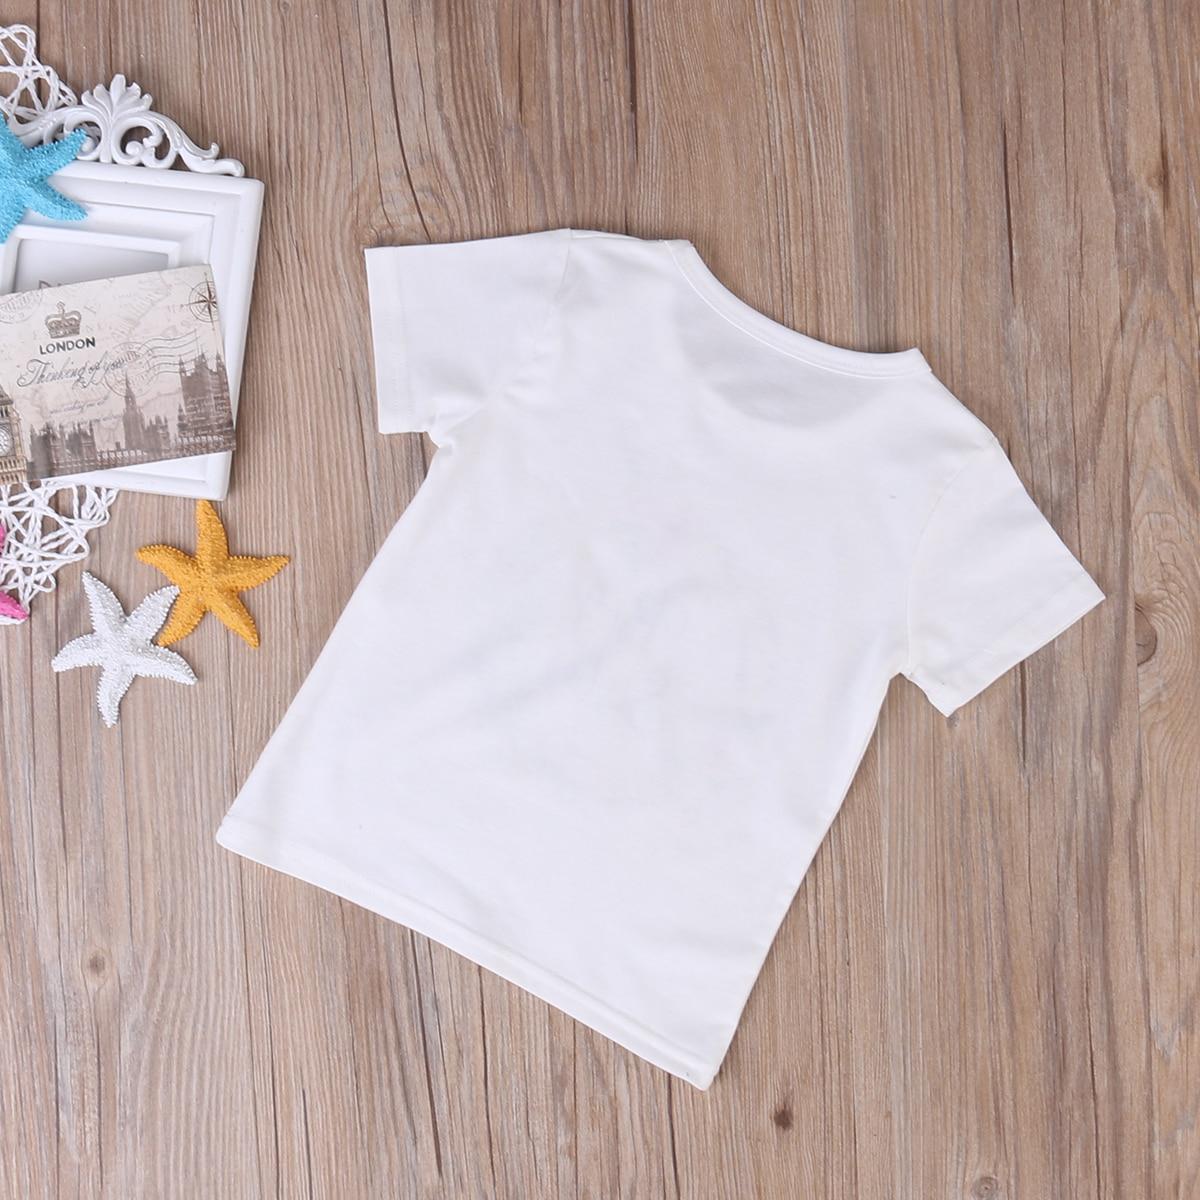 Детская одежда; летняя одежда для маленьких девочек; Одежда для крупных сестер; комбинезон; одежда; футболка; одинаковые комплекты для семьи